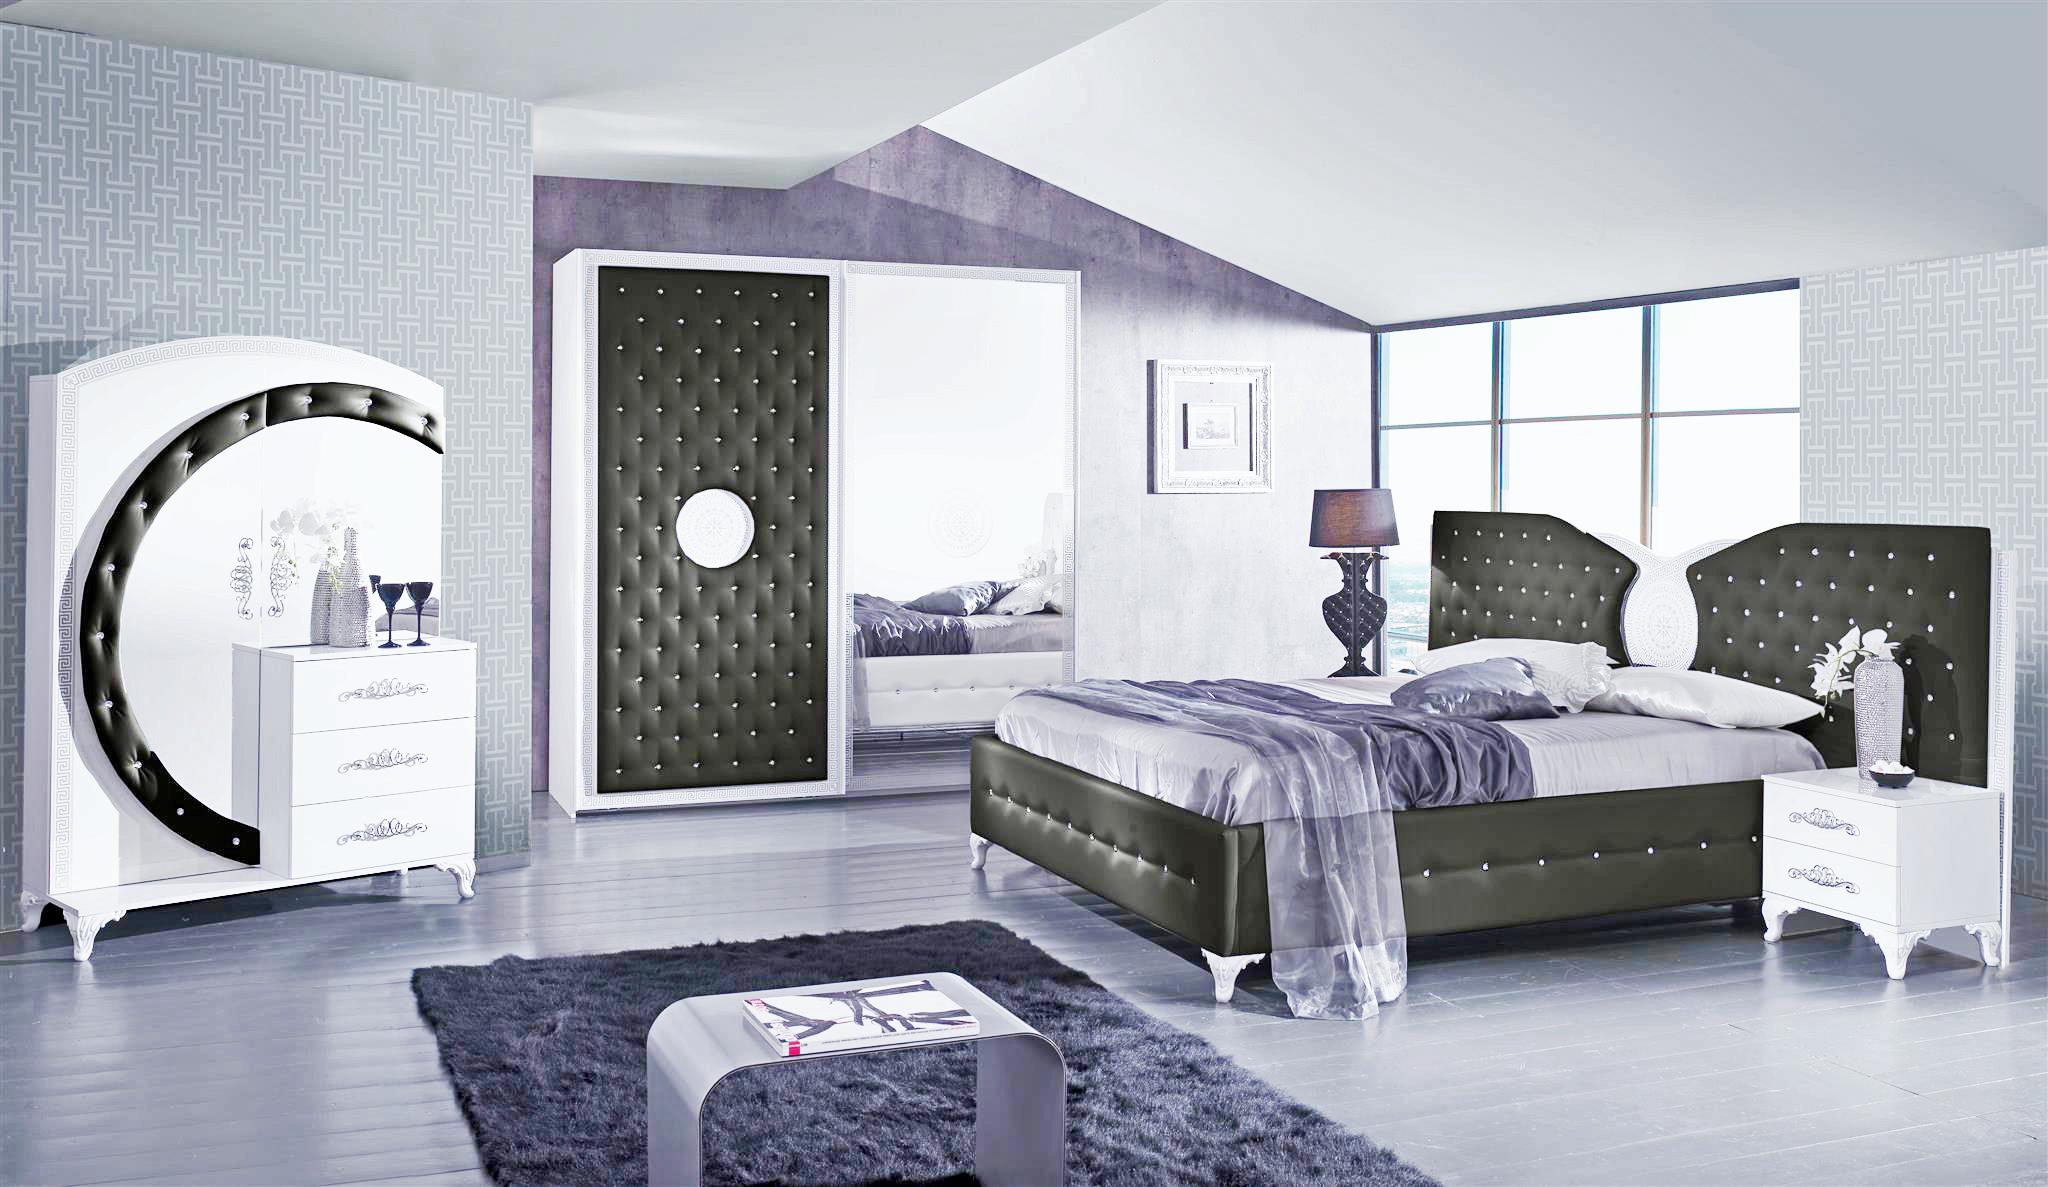 Fantastisch Das Bild Wird Geladen Schlafzimmer Anatalia In Schwarz Weiss Luxus Design